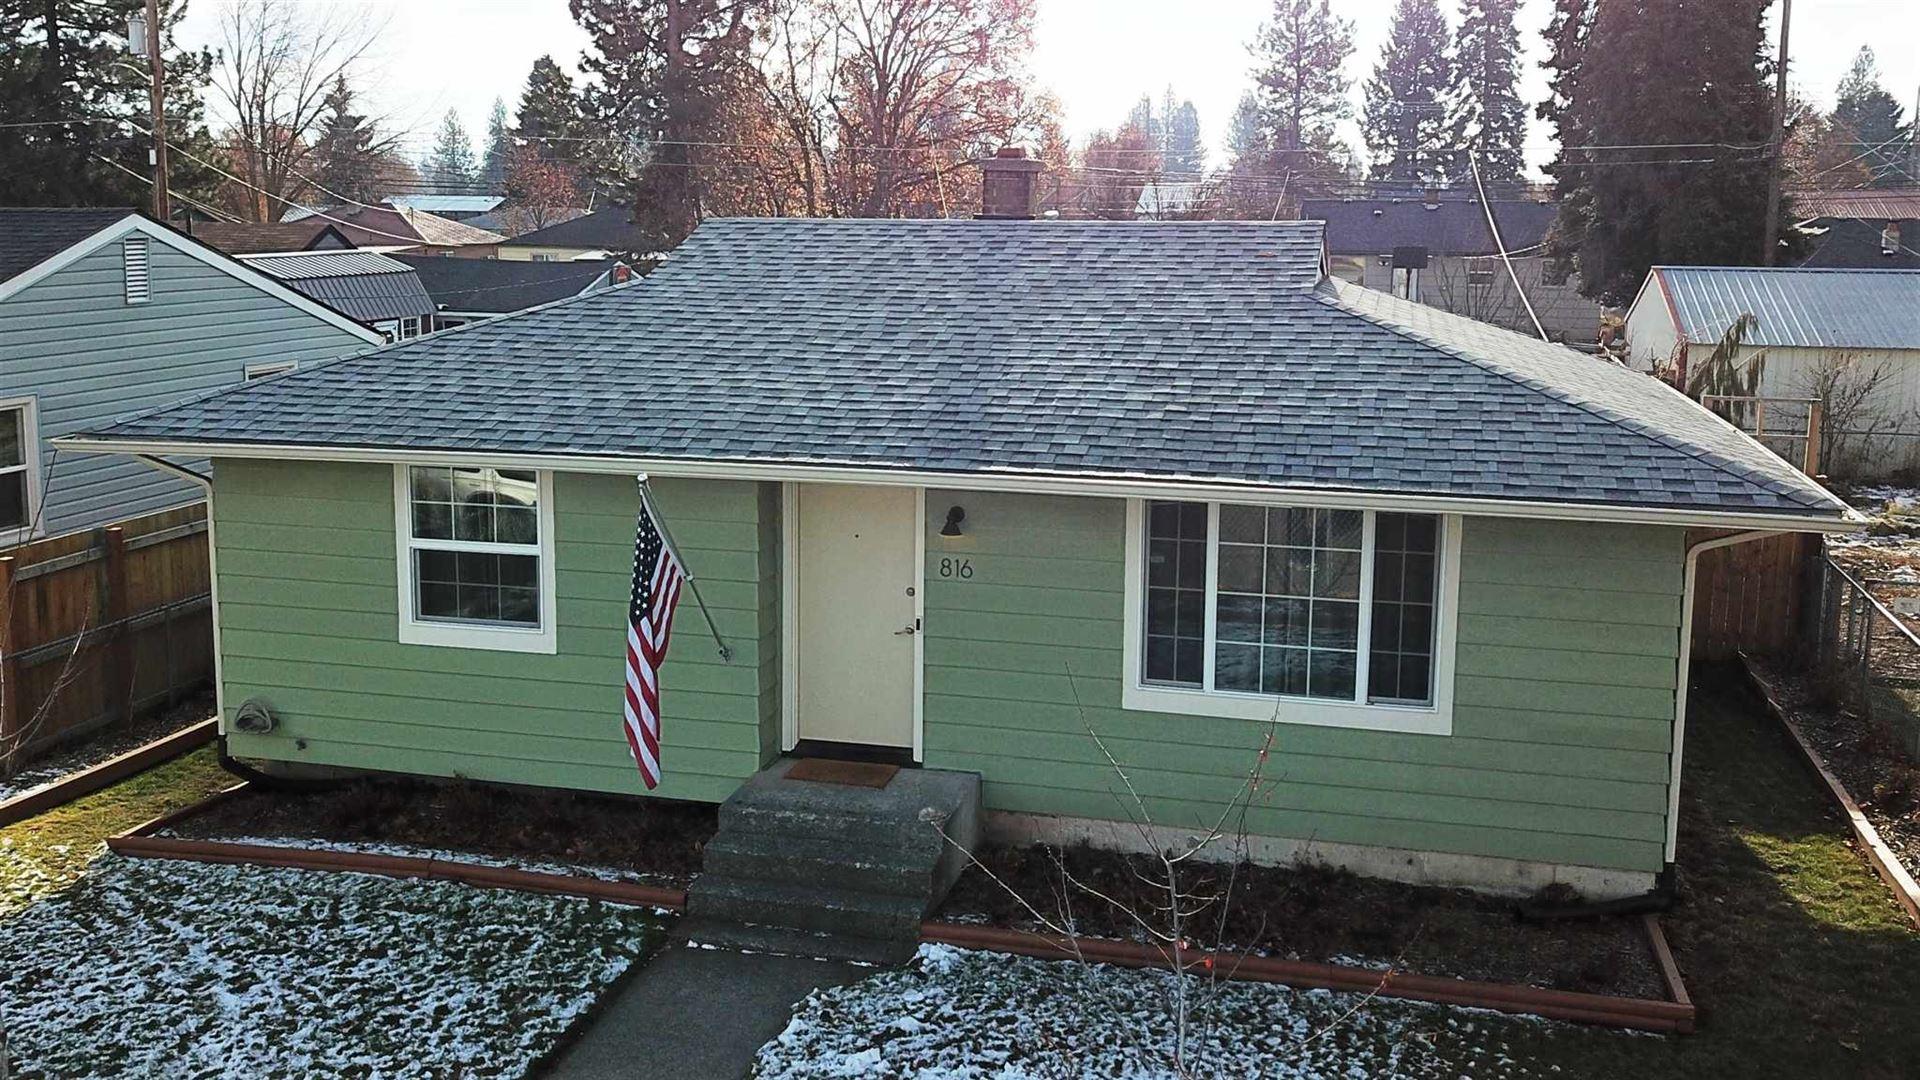 816 E Decatur Ave, Spokane, WA 99208-3621 - #: 202025554